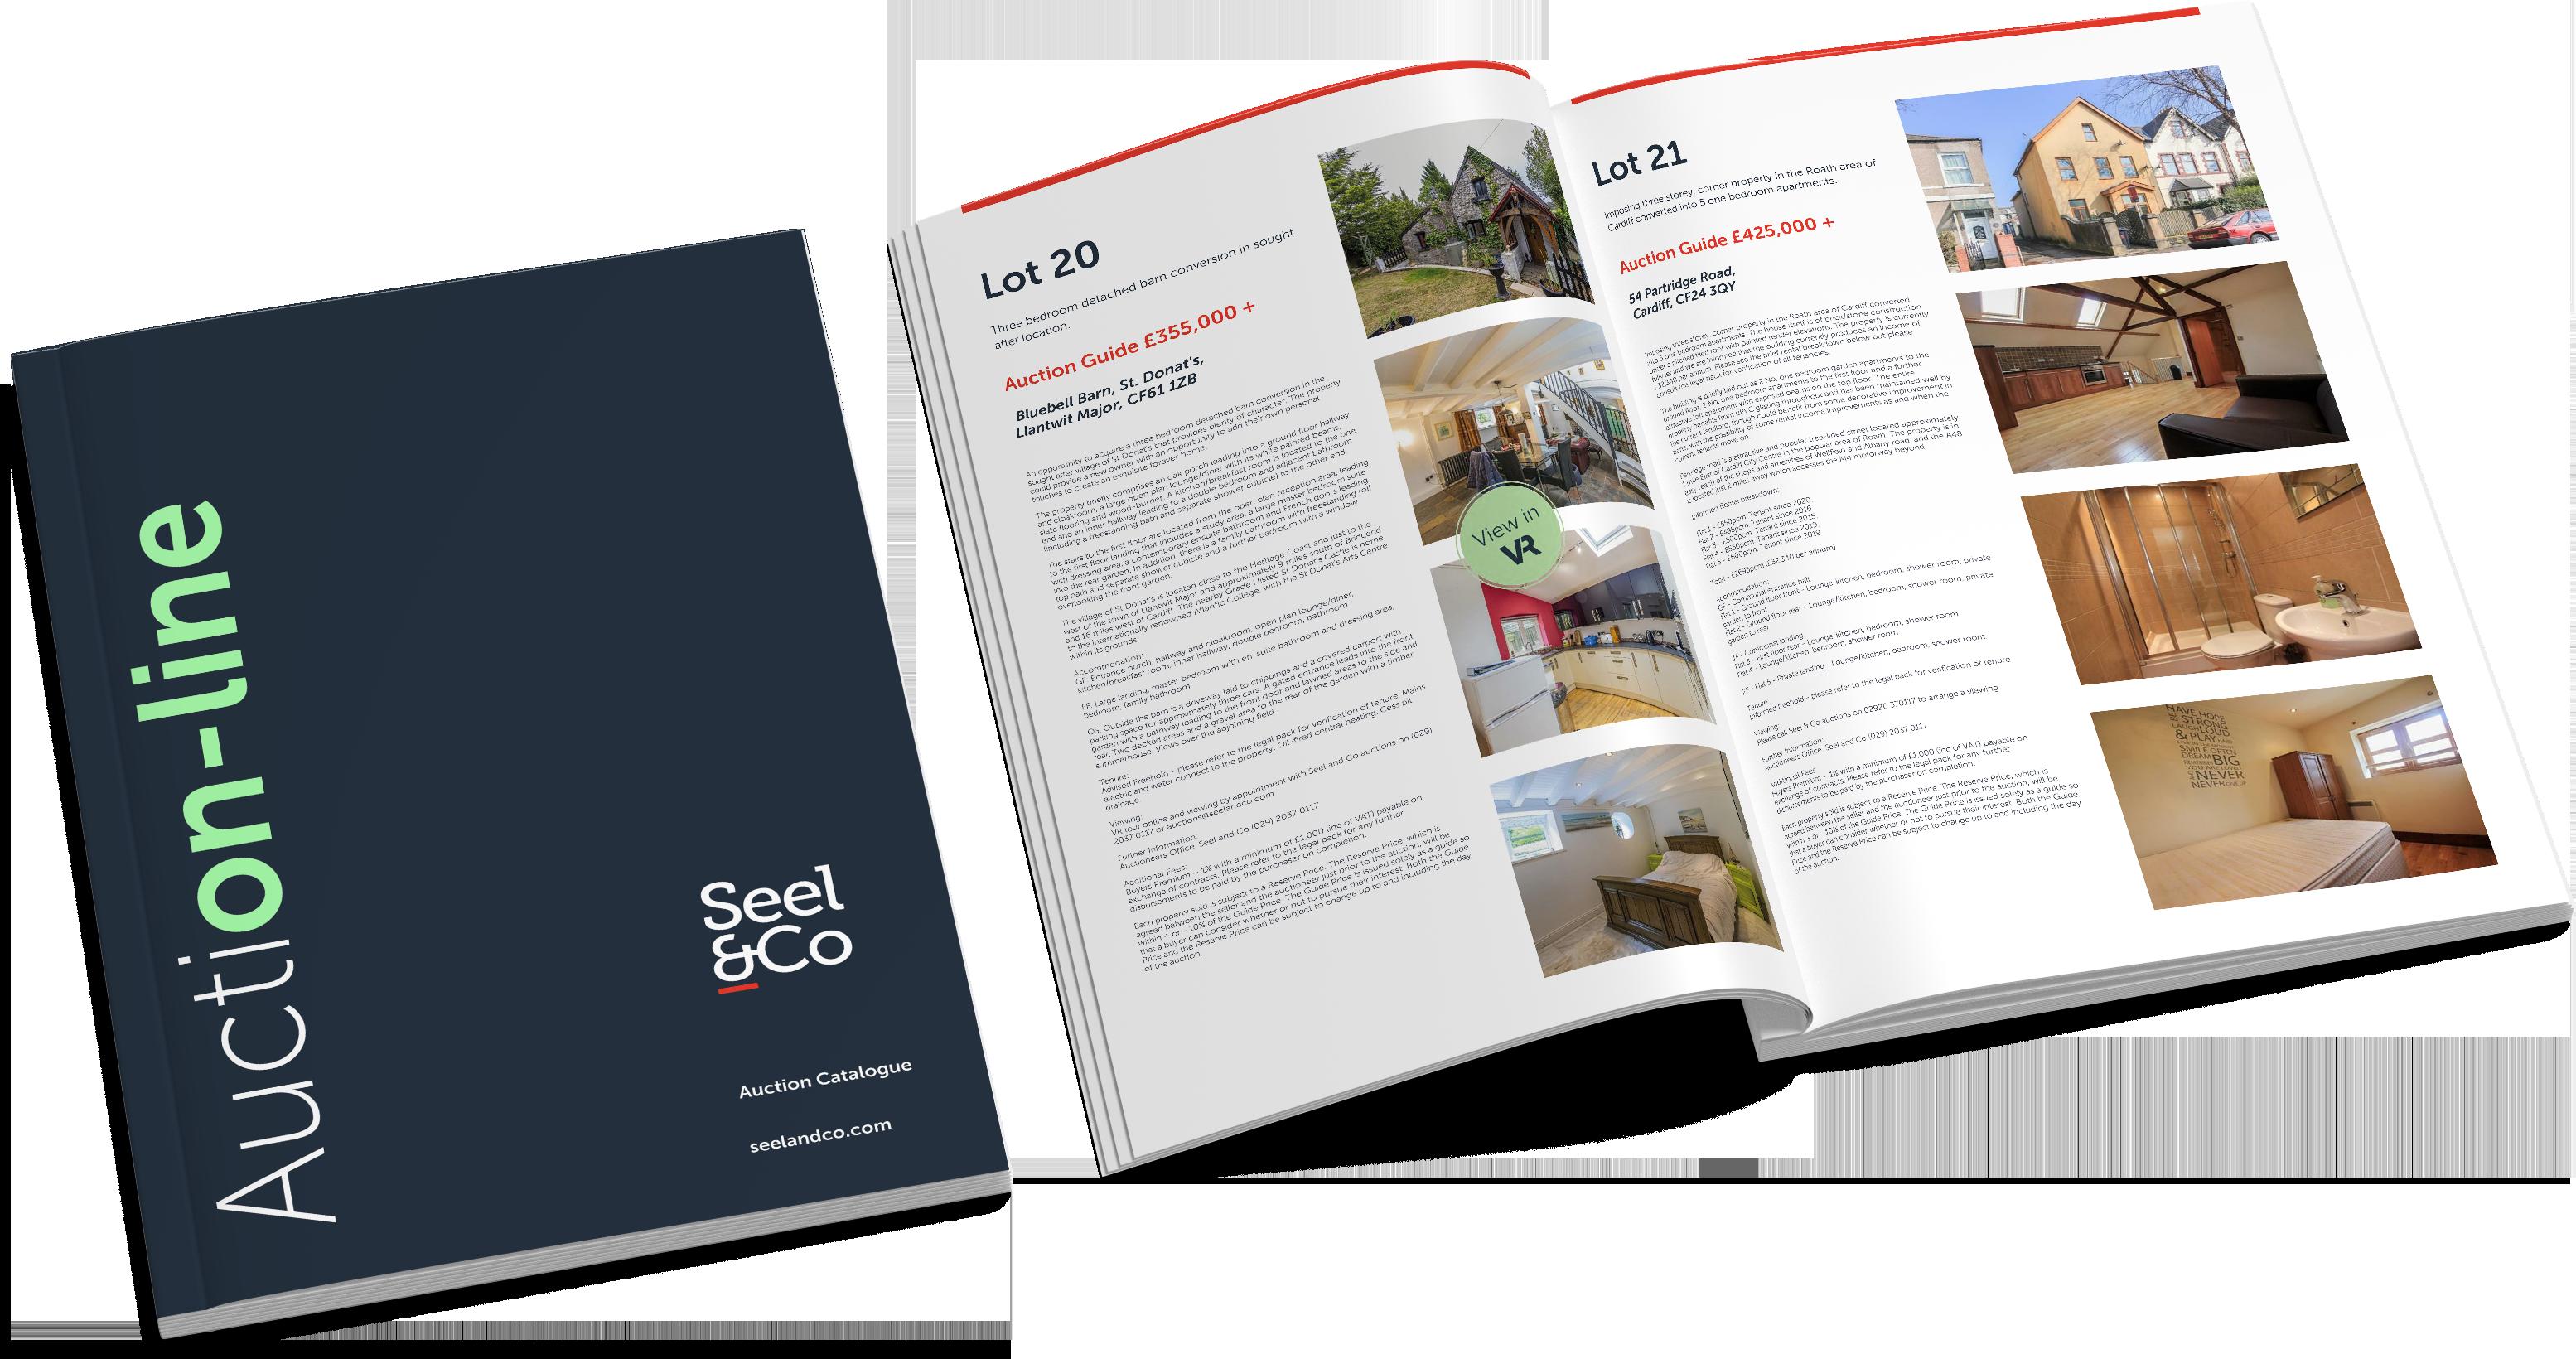 Seel & Co Auction Catalogue